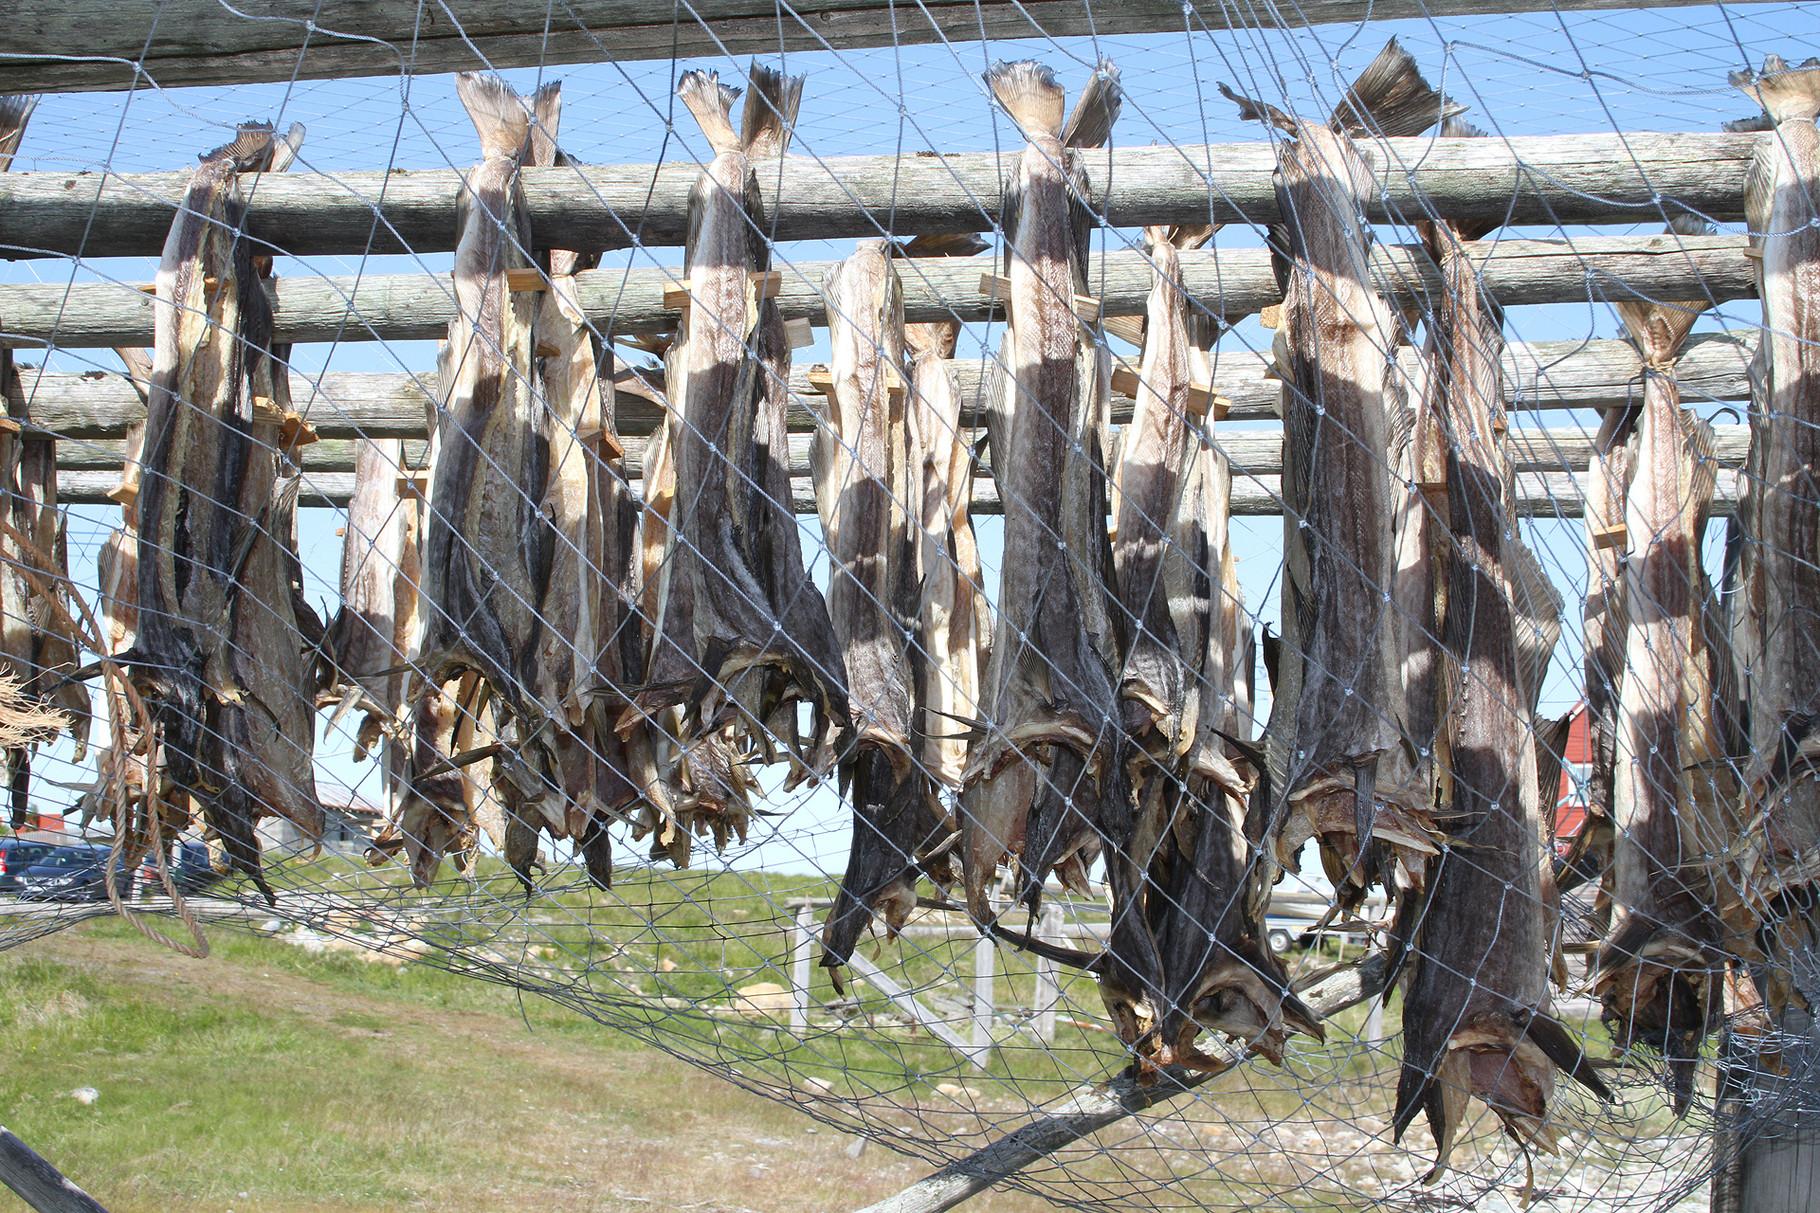 Überall entlang der Küste werden Stockfische in speziellen Gestellen luftgetrocknet